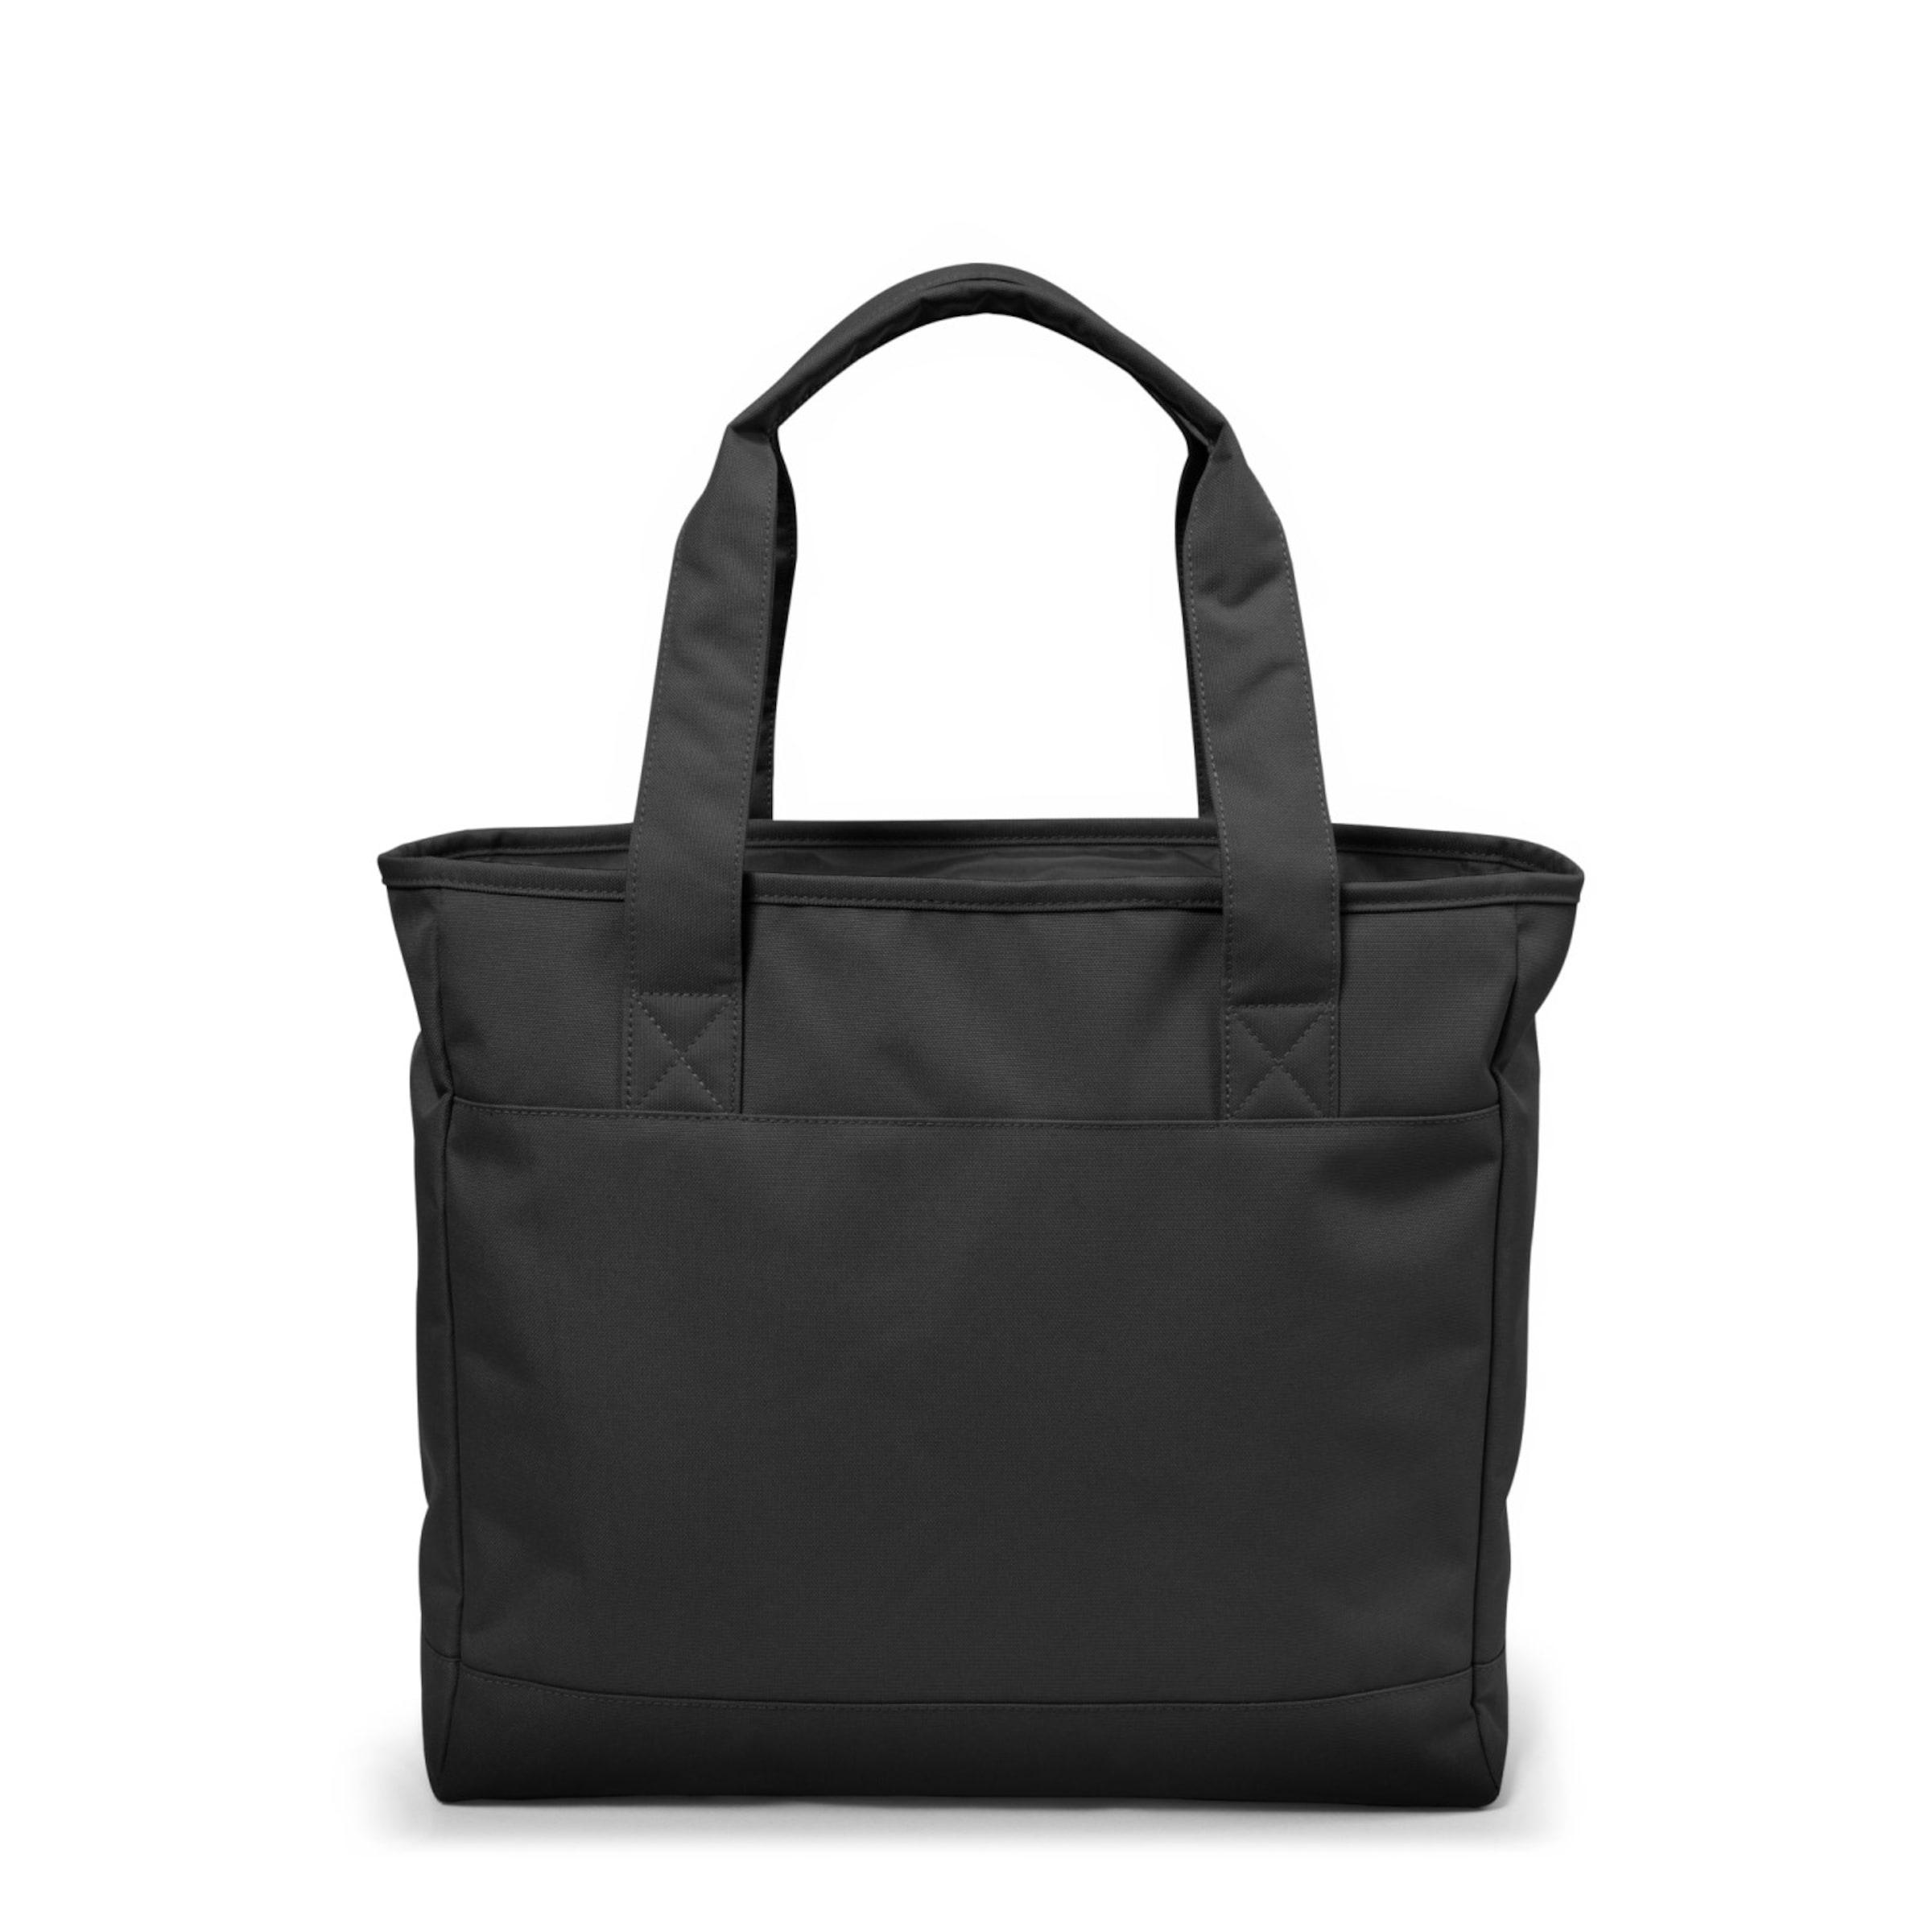 EASTPAK 'Flail' Shopper Tasche 36 cm mit Laptopfach Geringster Preis Günstig Kaufen Manchester Die Besten Preise Günstig Online Neuesten Kollektionen Zu Verkaufen Original- 57Fom2